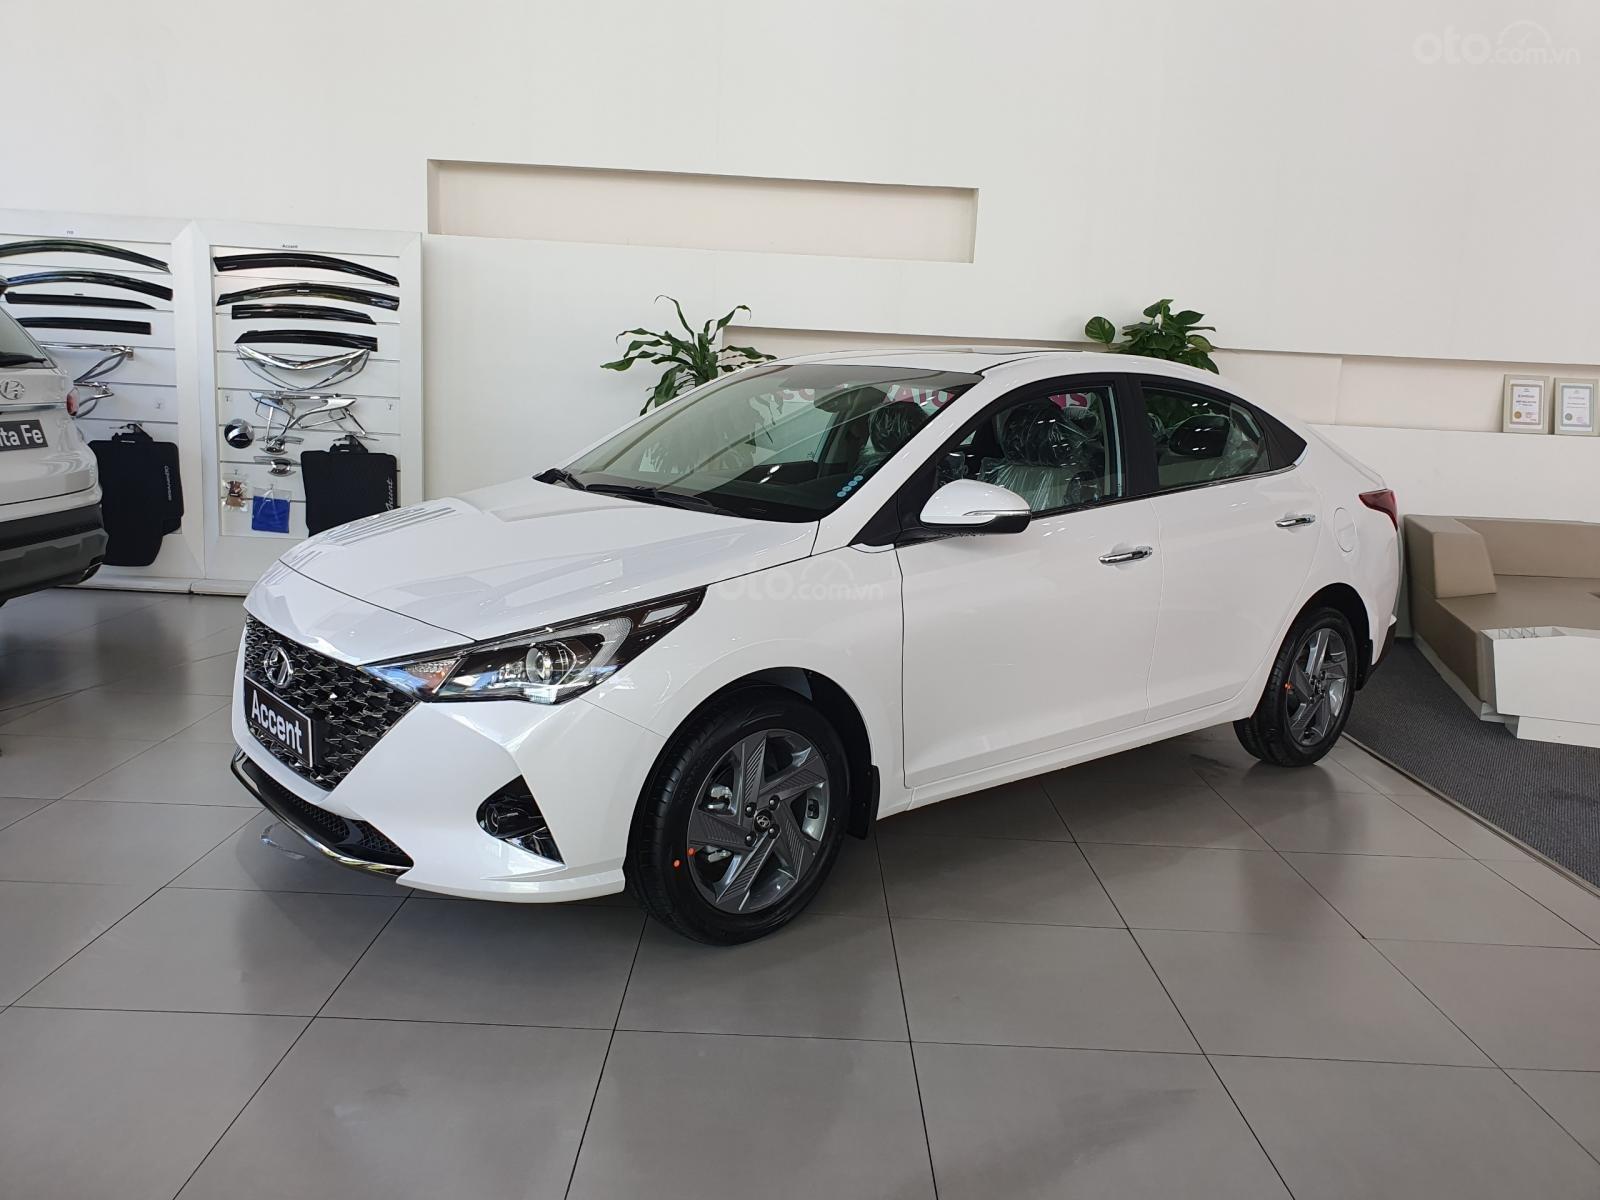 [Hyundai Miền Nam] Hyundai Accent năm 2021 - tặng gói phụ kiện chính hãng - xe đủ màu giao ngay - giá tốt nhất miền Nam (6)